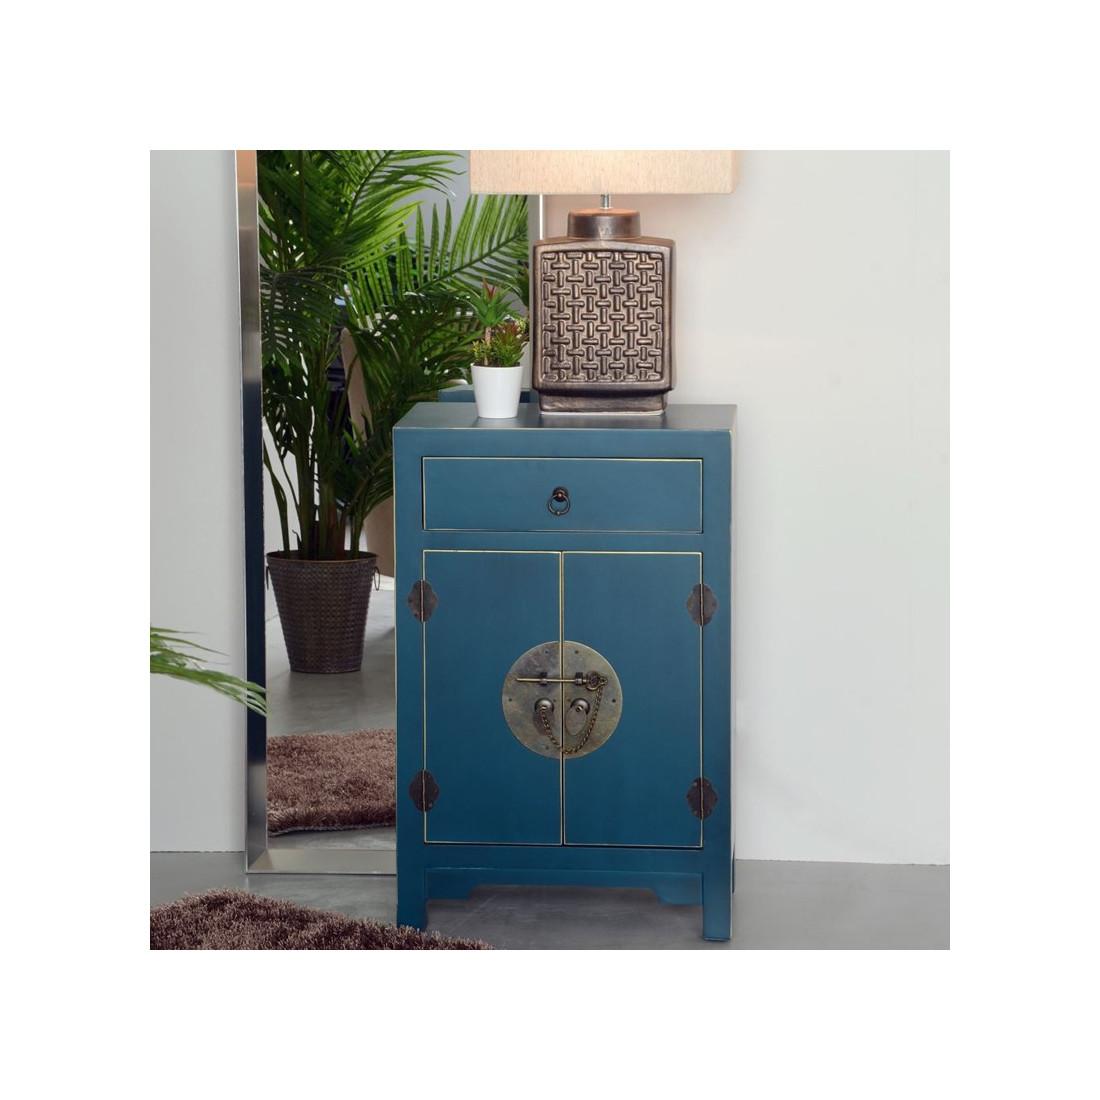 Confiturier bleu meuble chinois pekin univers de la cuisine for Meuble cabinet chinois